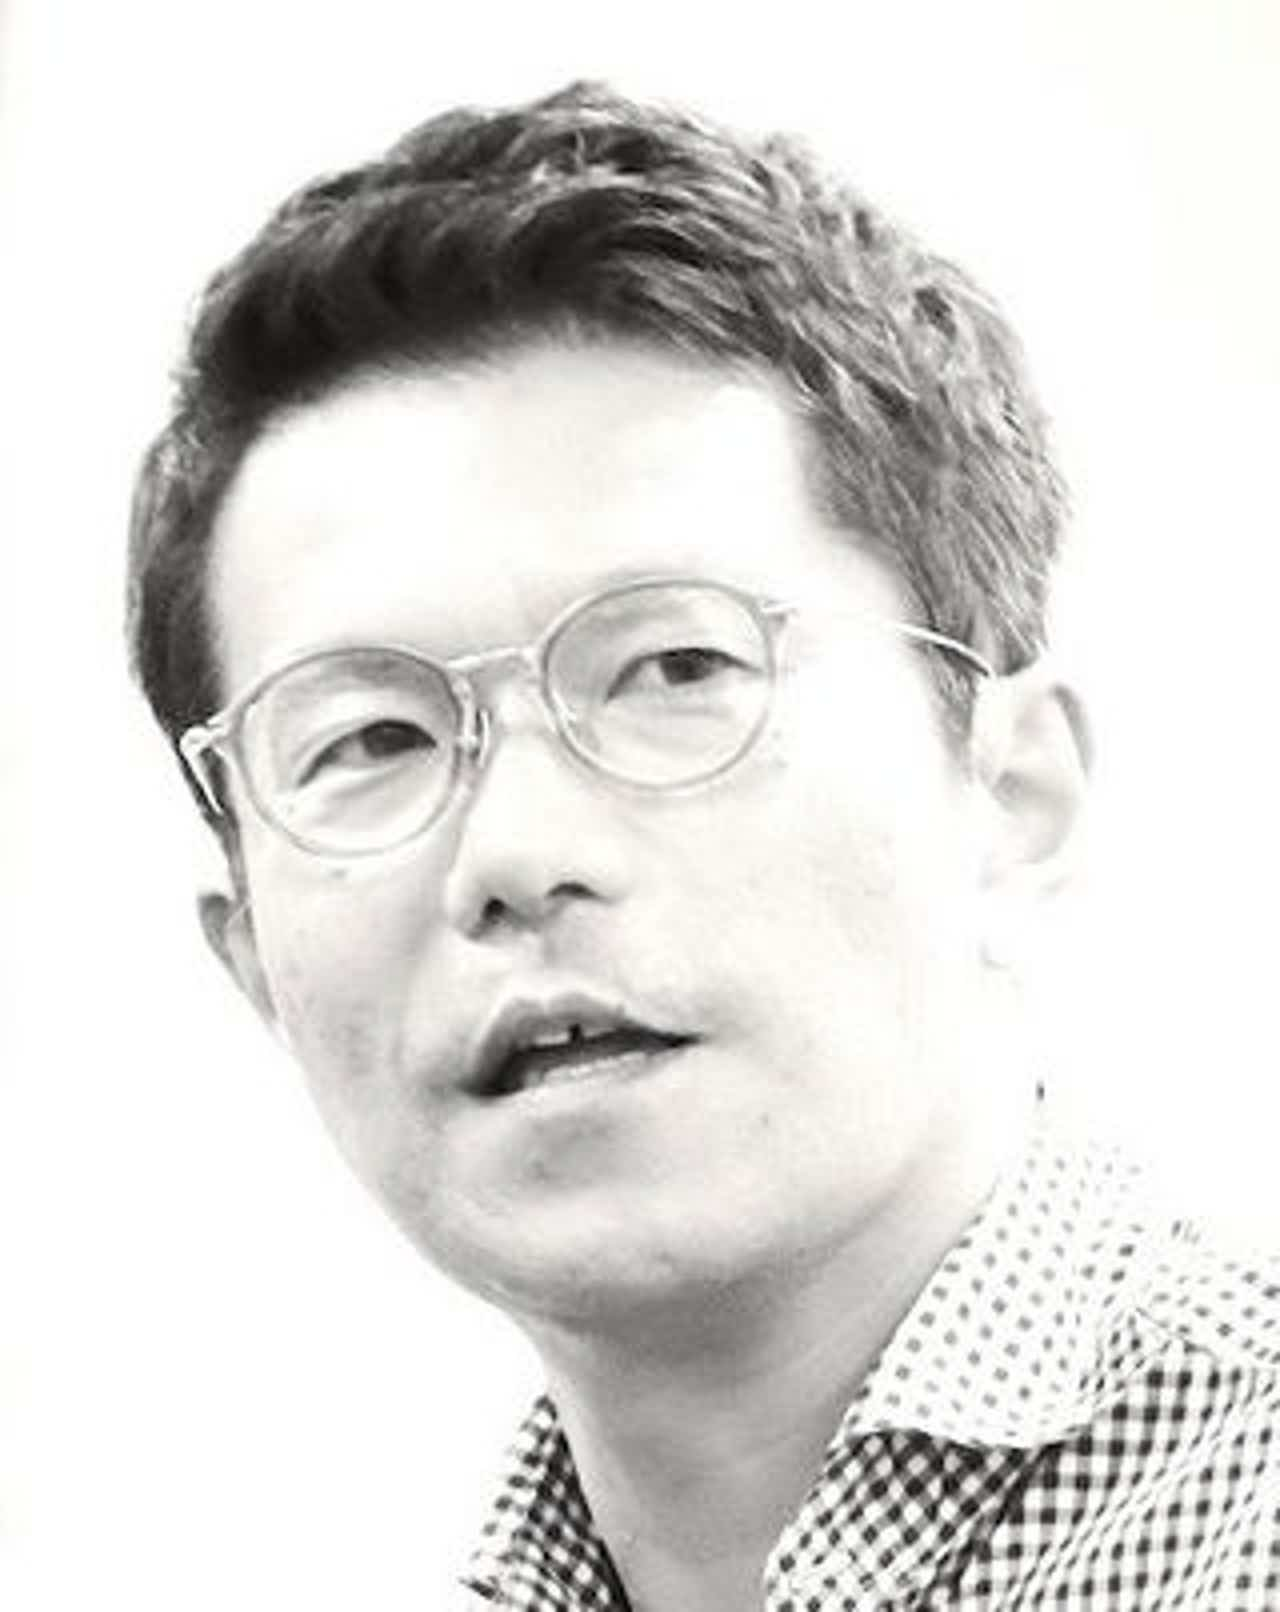 静岡県 交通基盤部 建設技術企画課 杉本直也氏